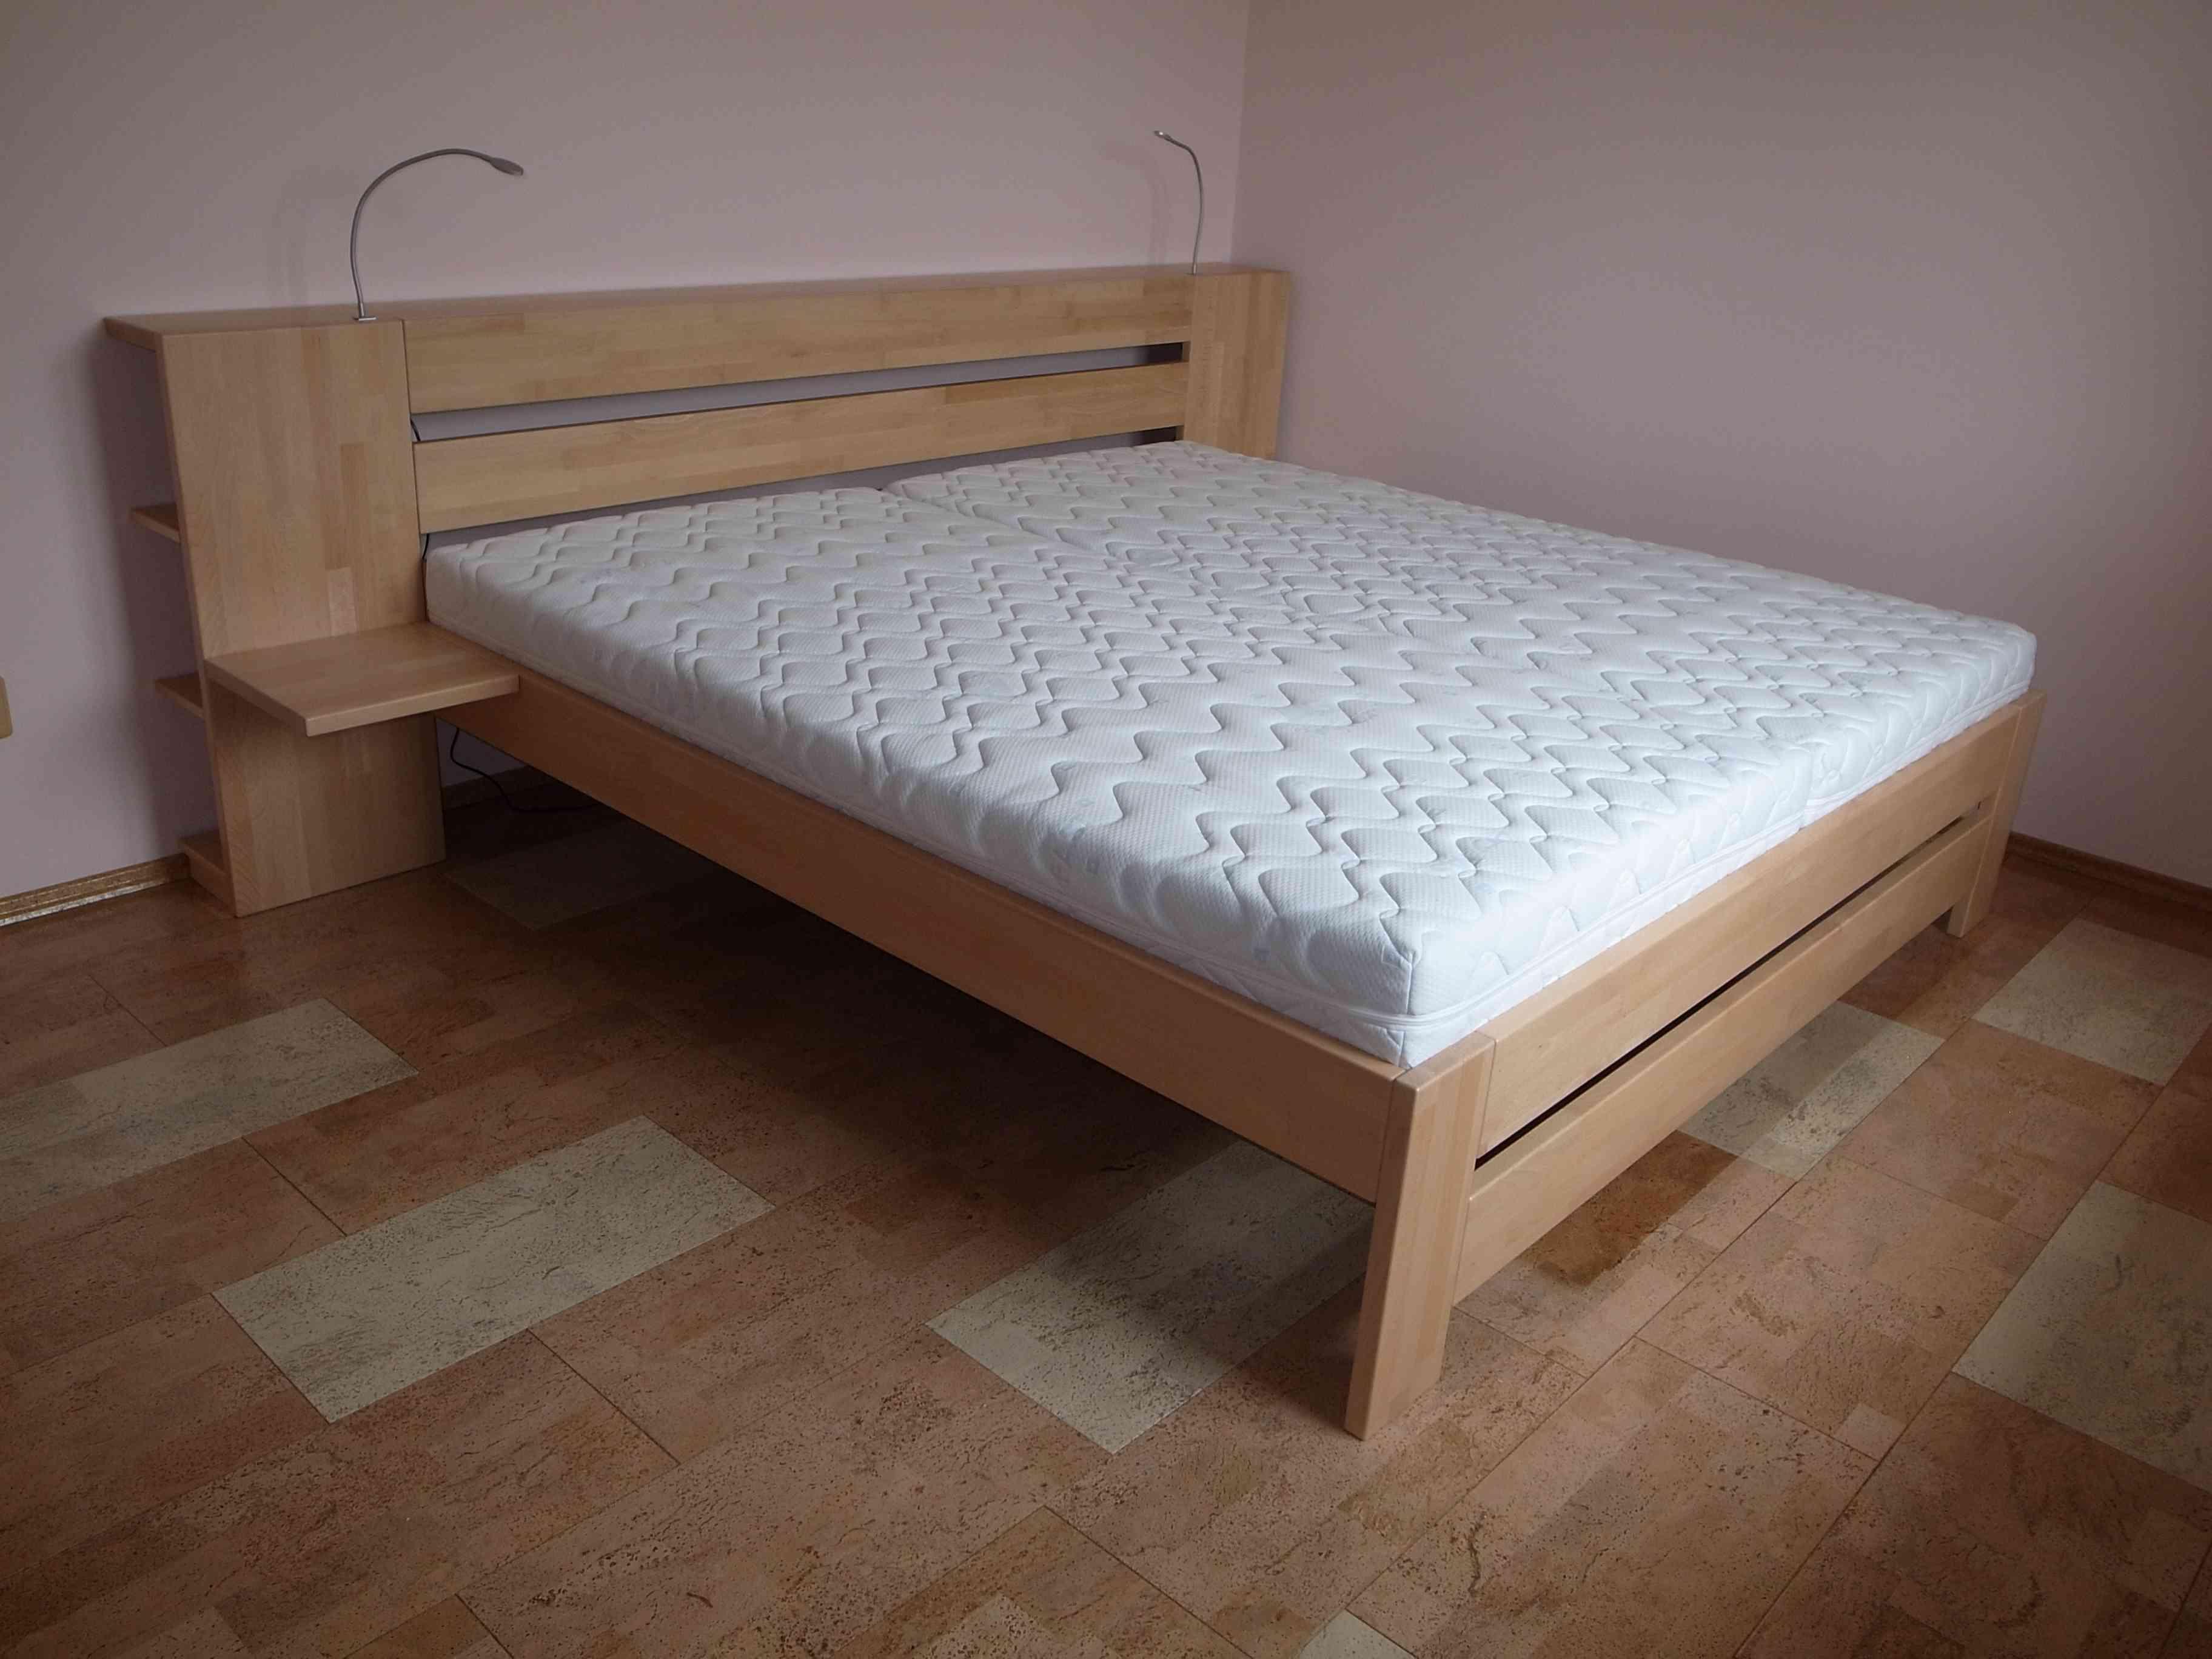 postel s čelem sloužící jako police a knihovna